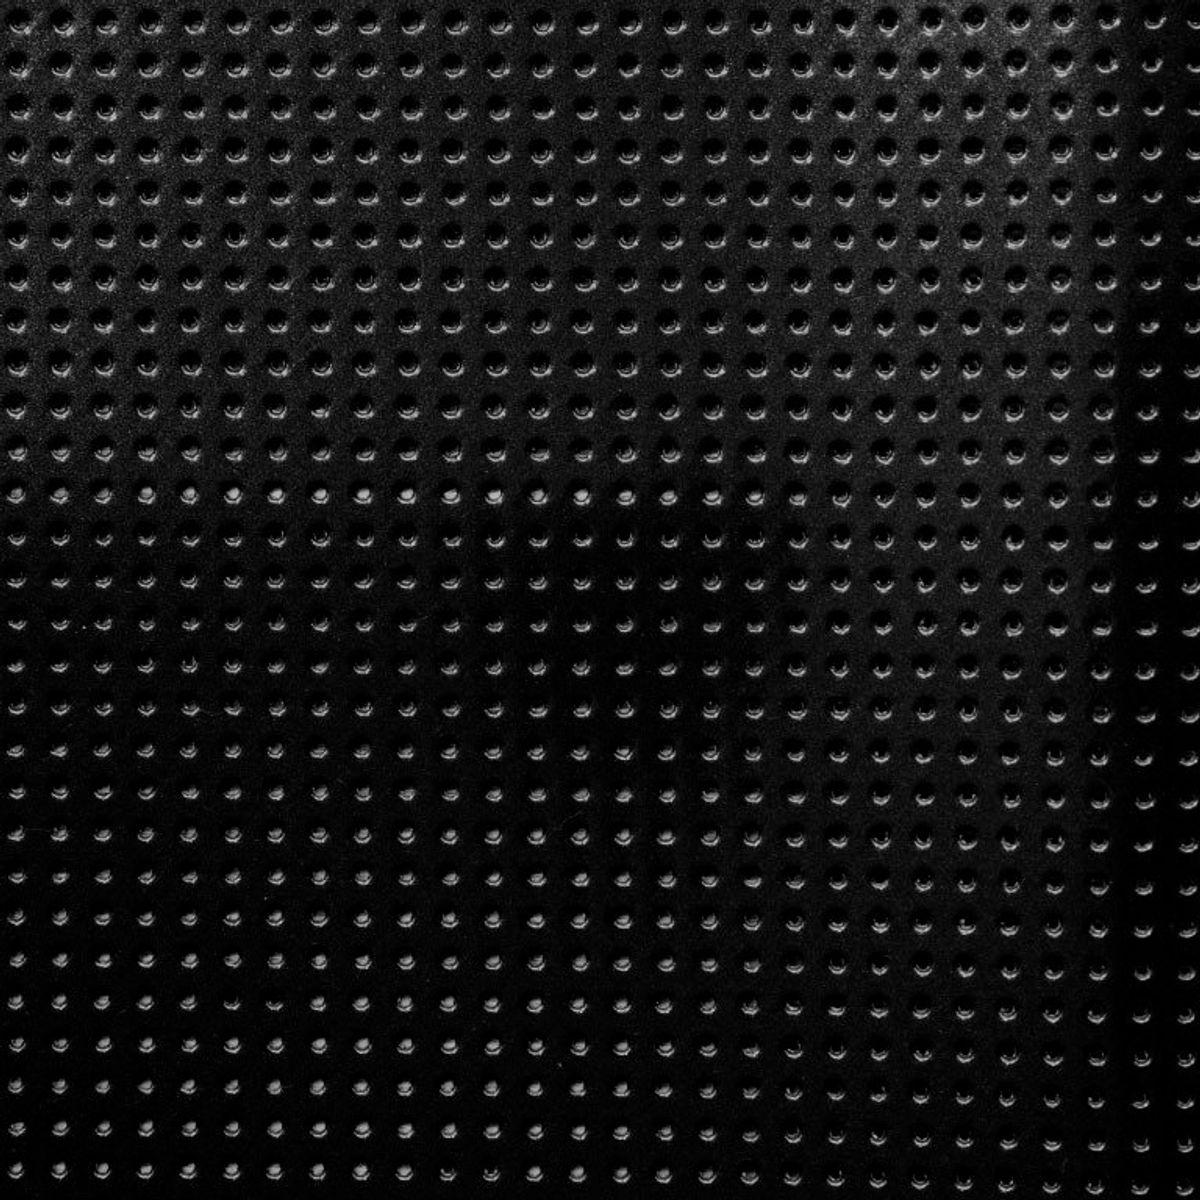 Vinyle laqué perforé - Noir